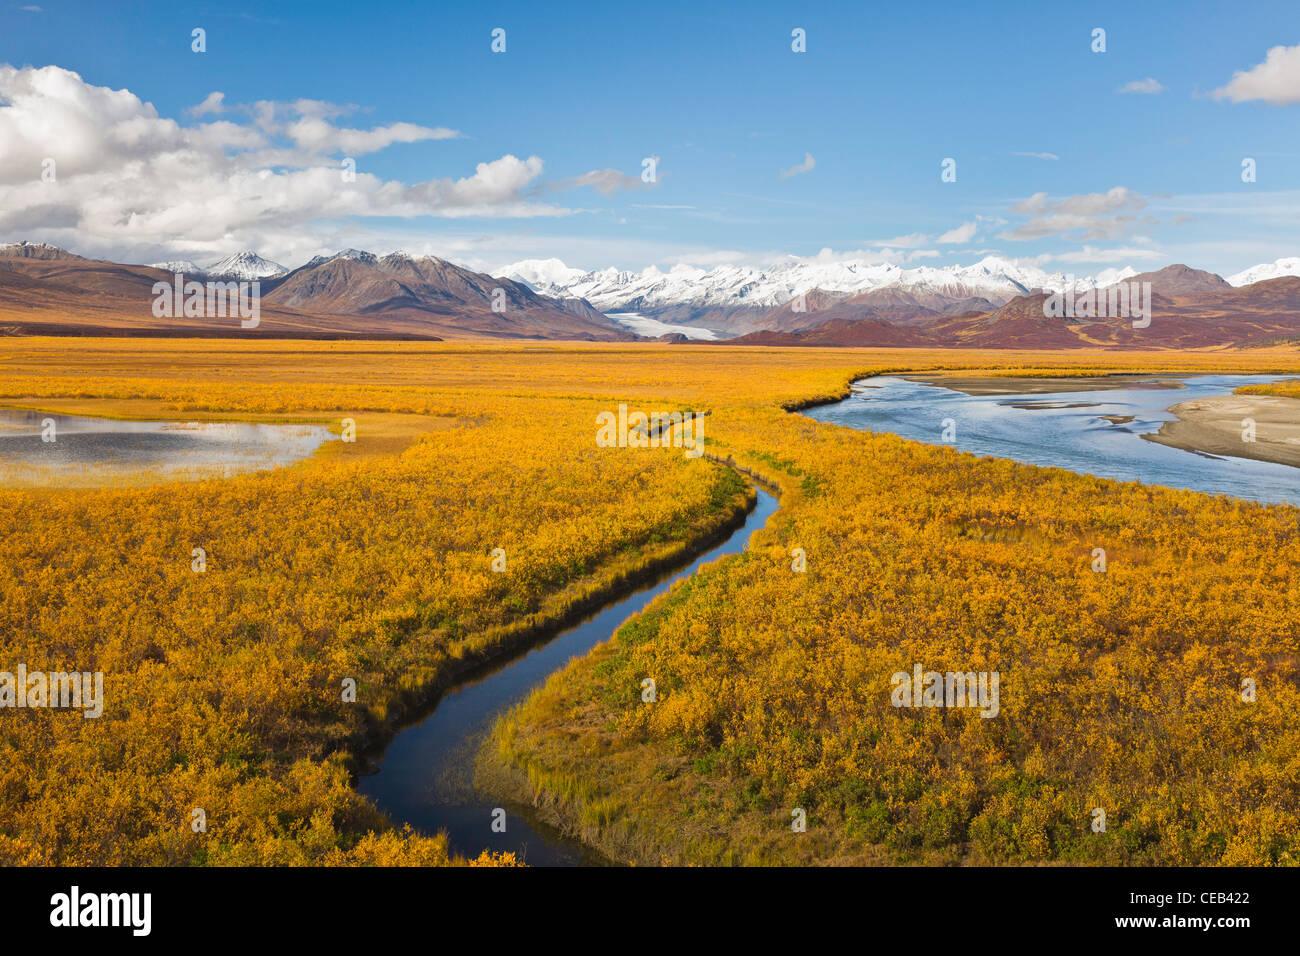 Malerische Aussicht von Maclaren Gletscher, Maclaren River Valley und die östlichen Berge der Alaska Range Stockbild